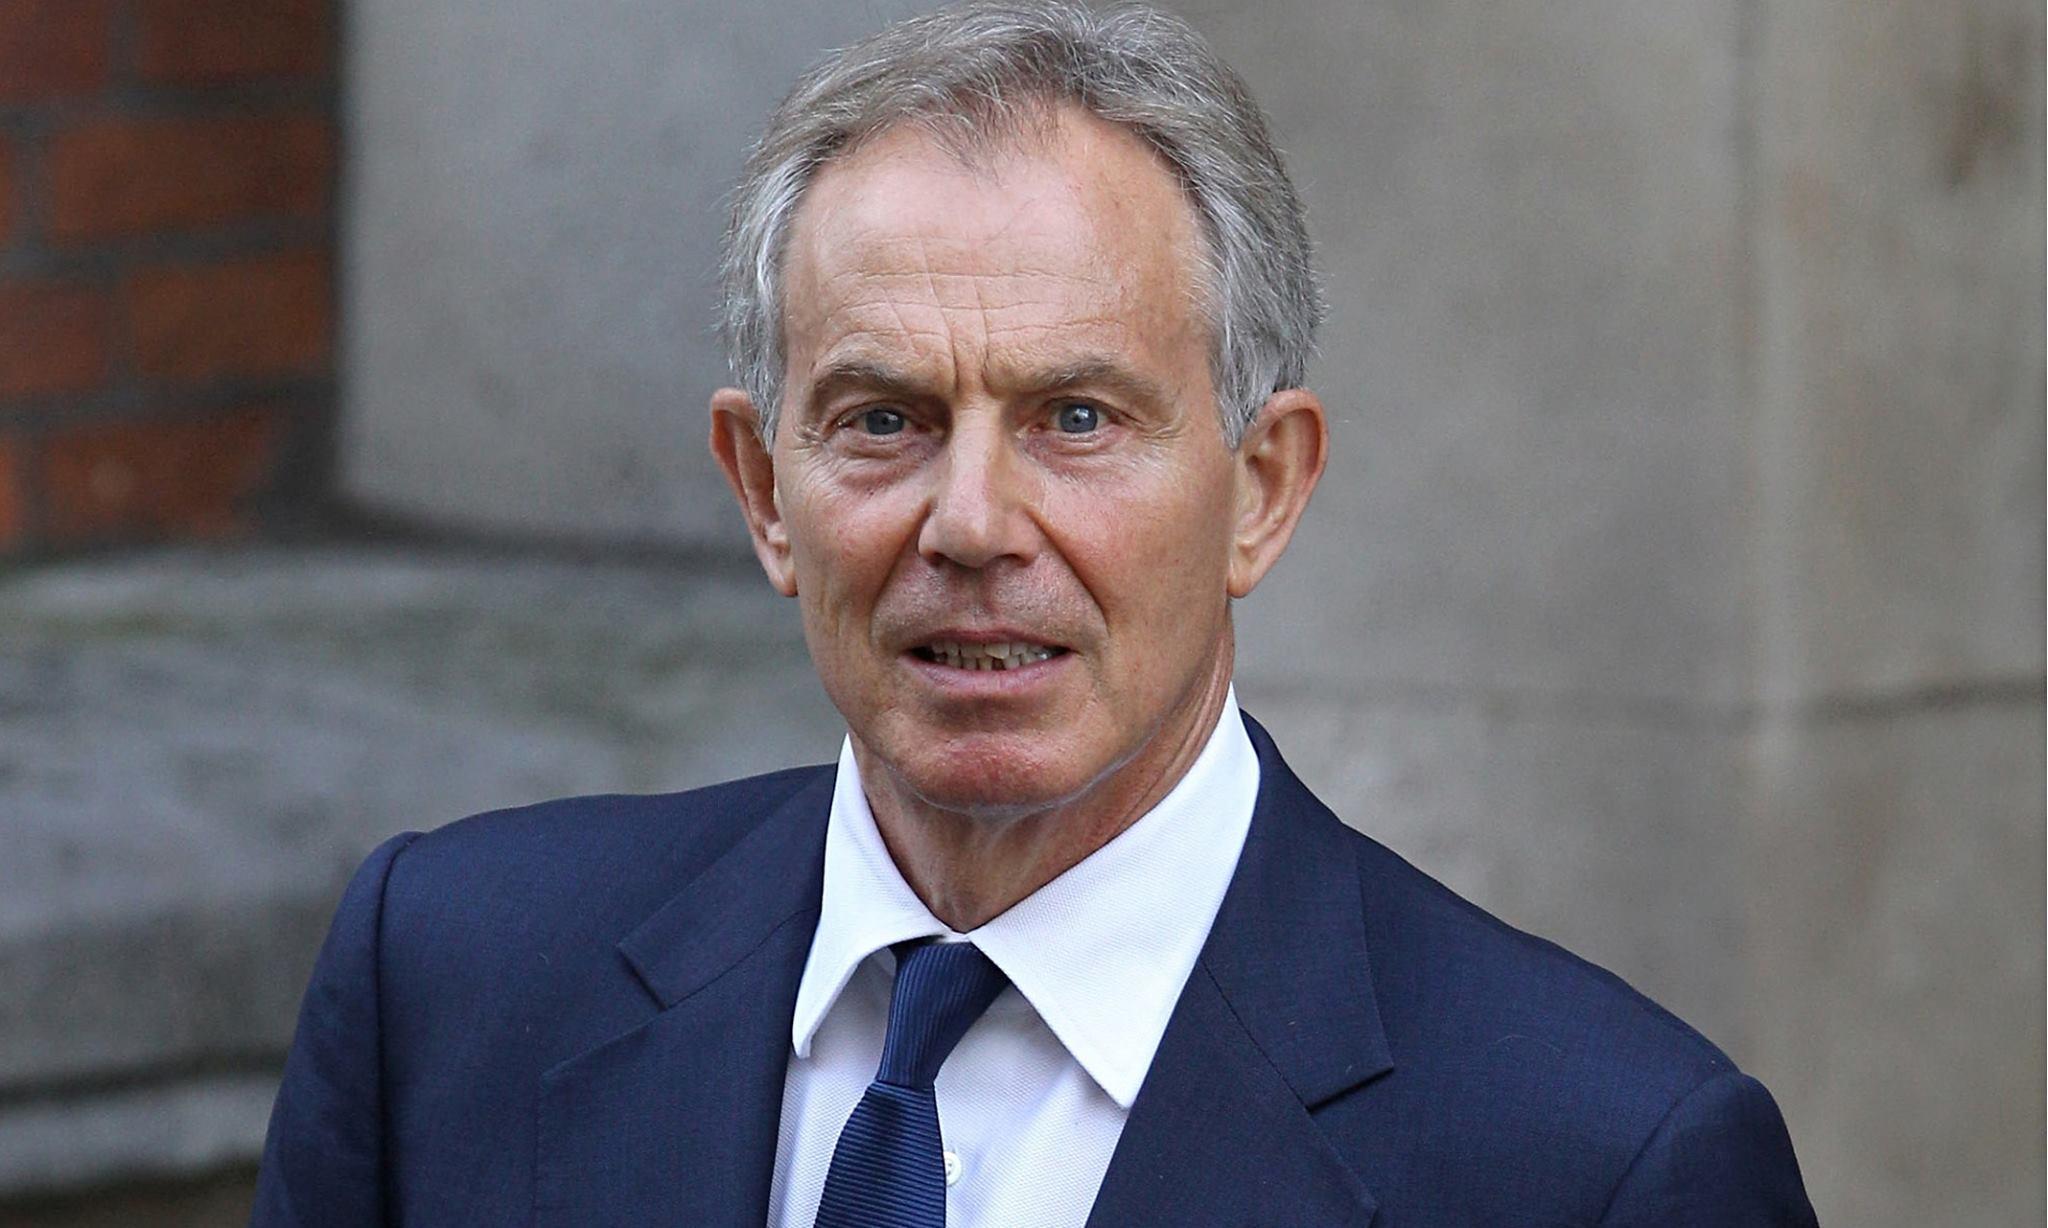 ტონი ბლერი - ბრექსიტი გაერთიანებული სამეფოს როლს საერთაშორისო ასპარეზზე ასუსტებს